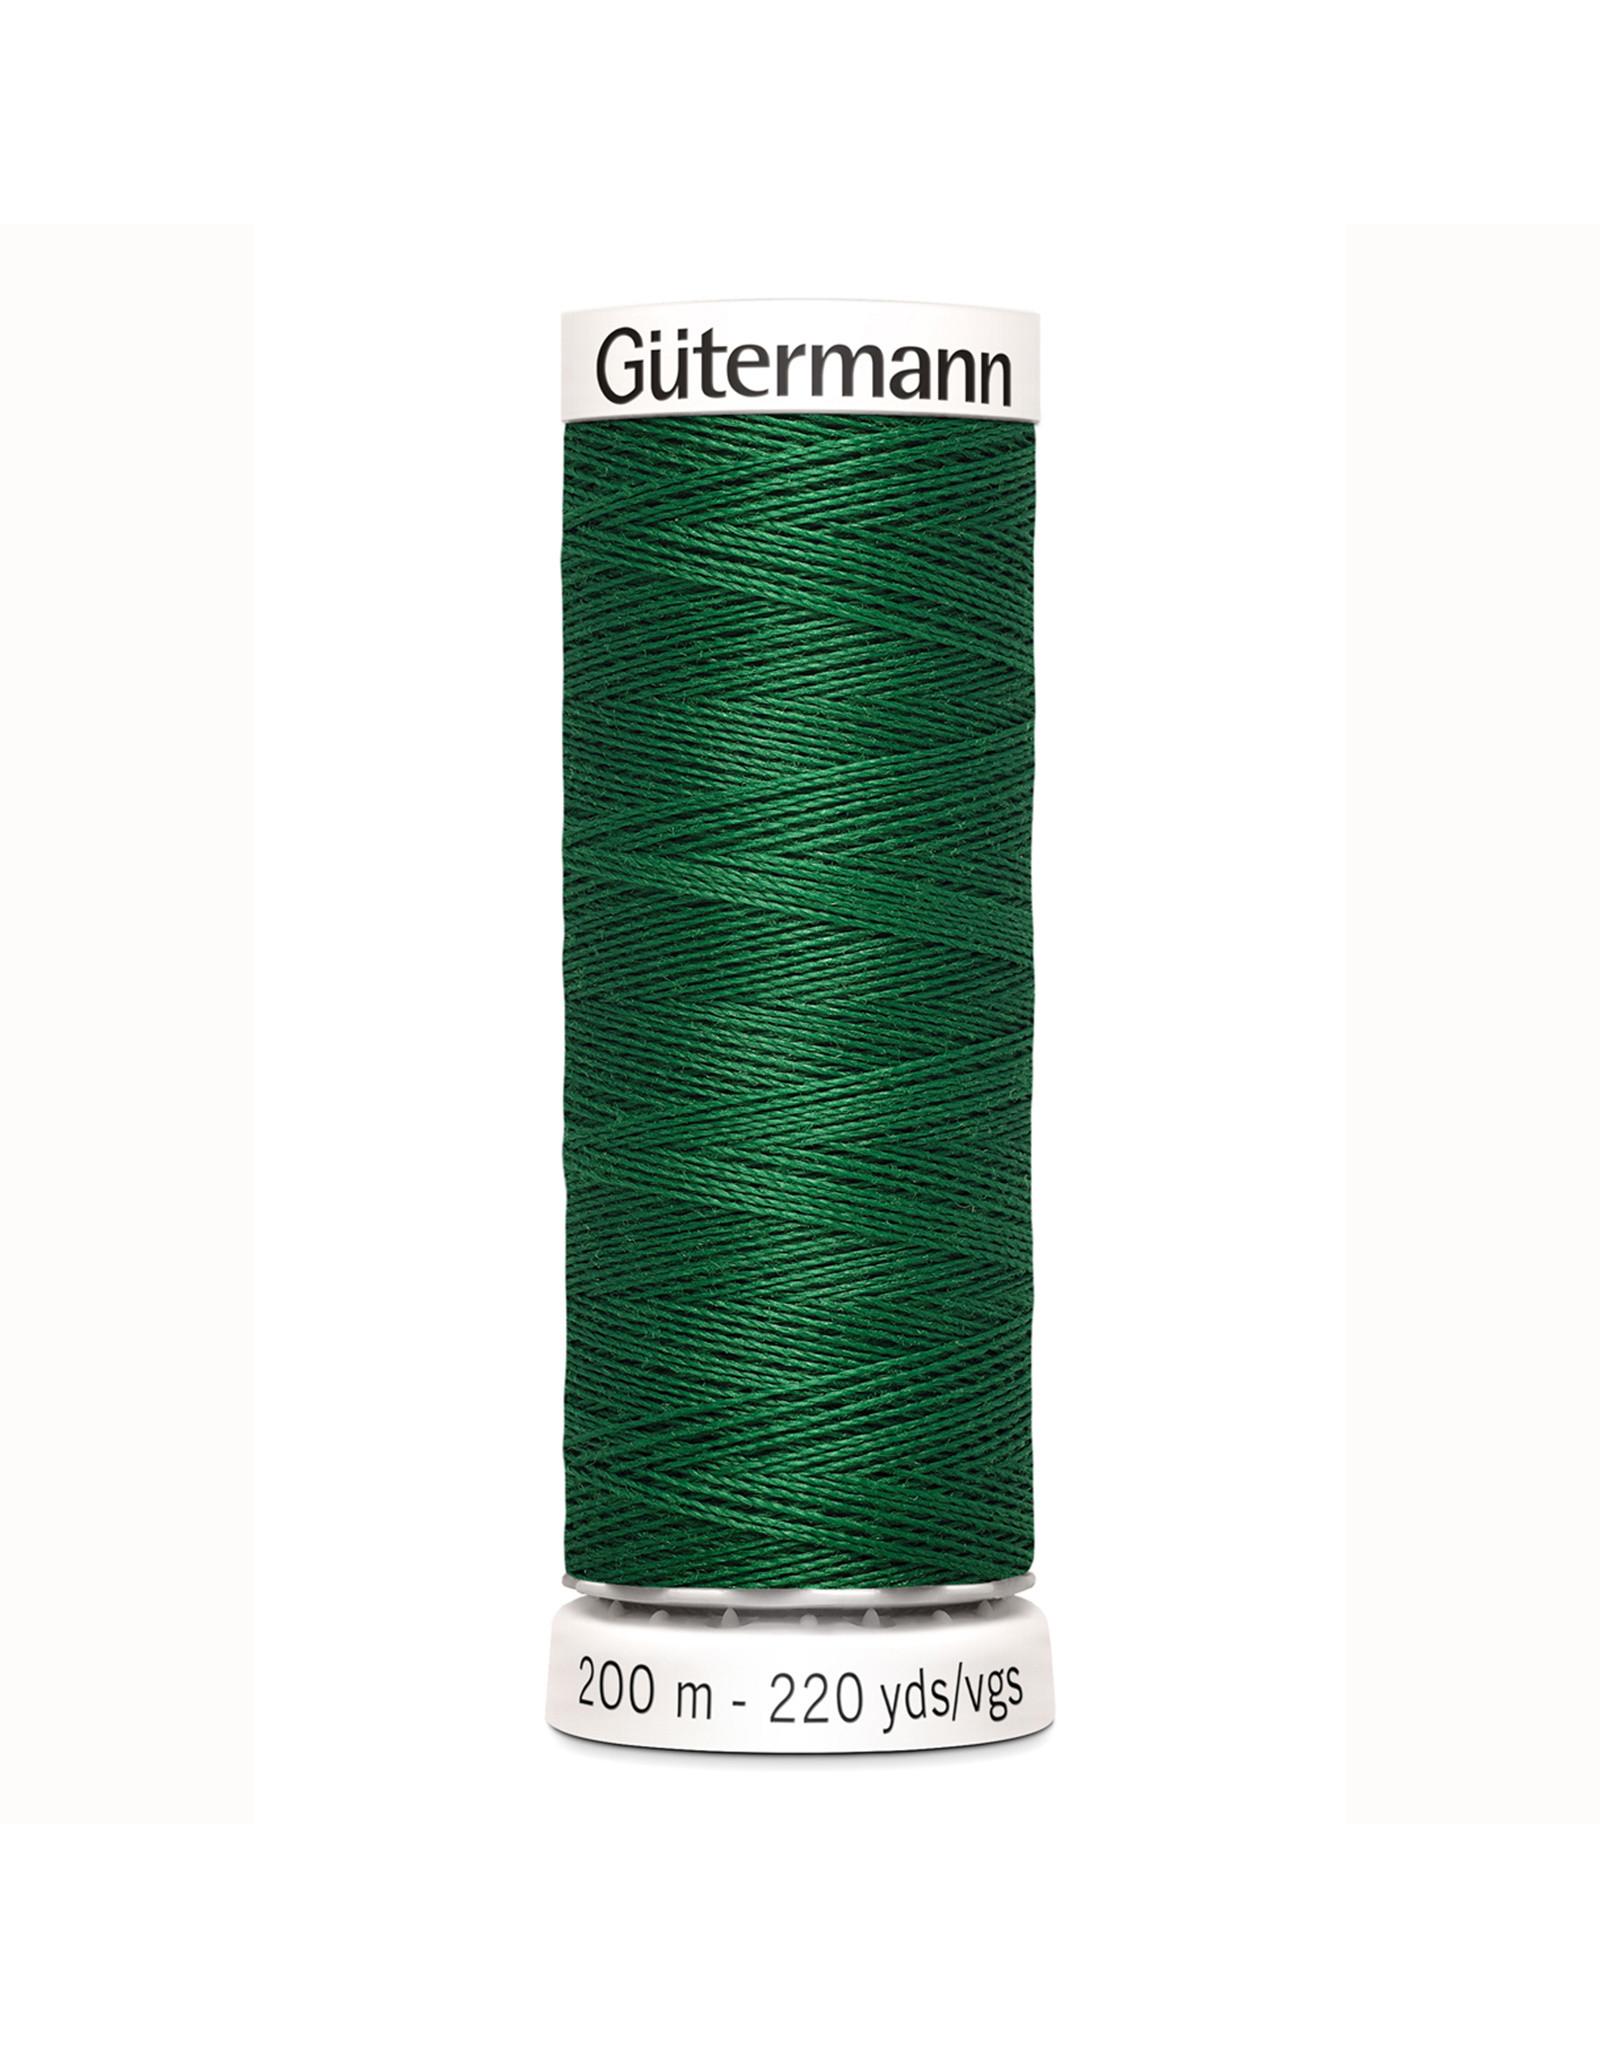 Gütermann Gütermann Sewing Thread 200 m - nr 237